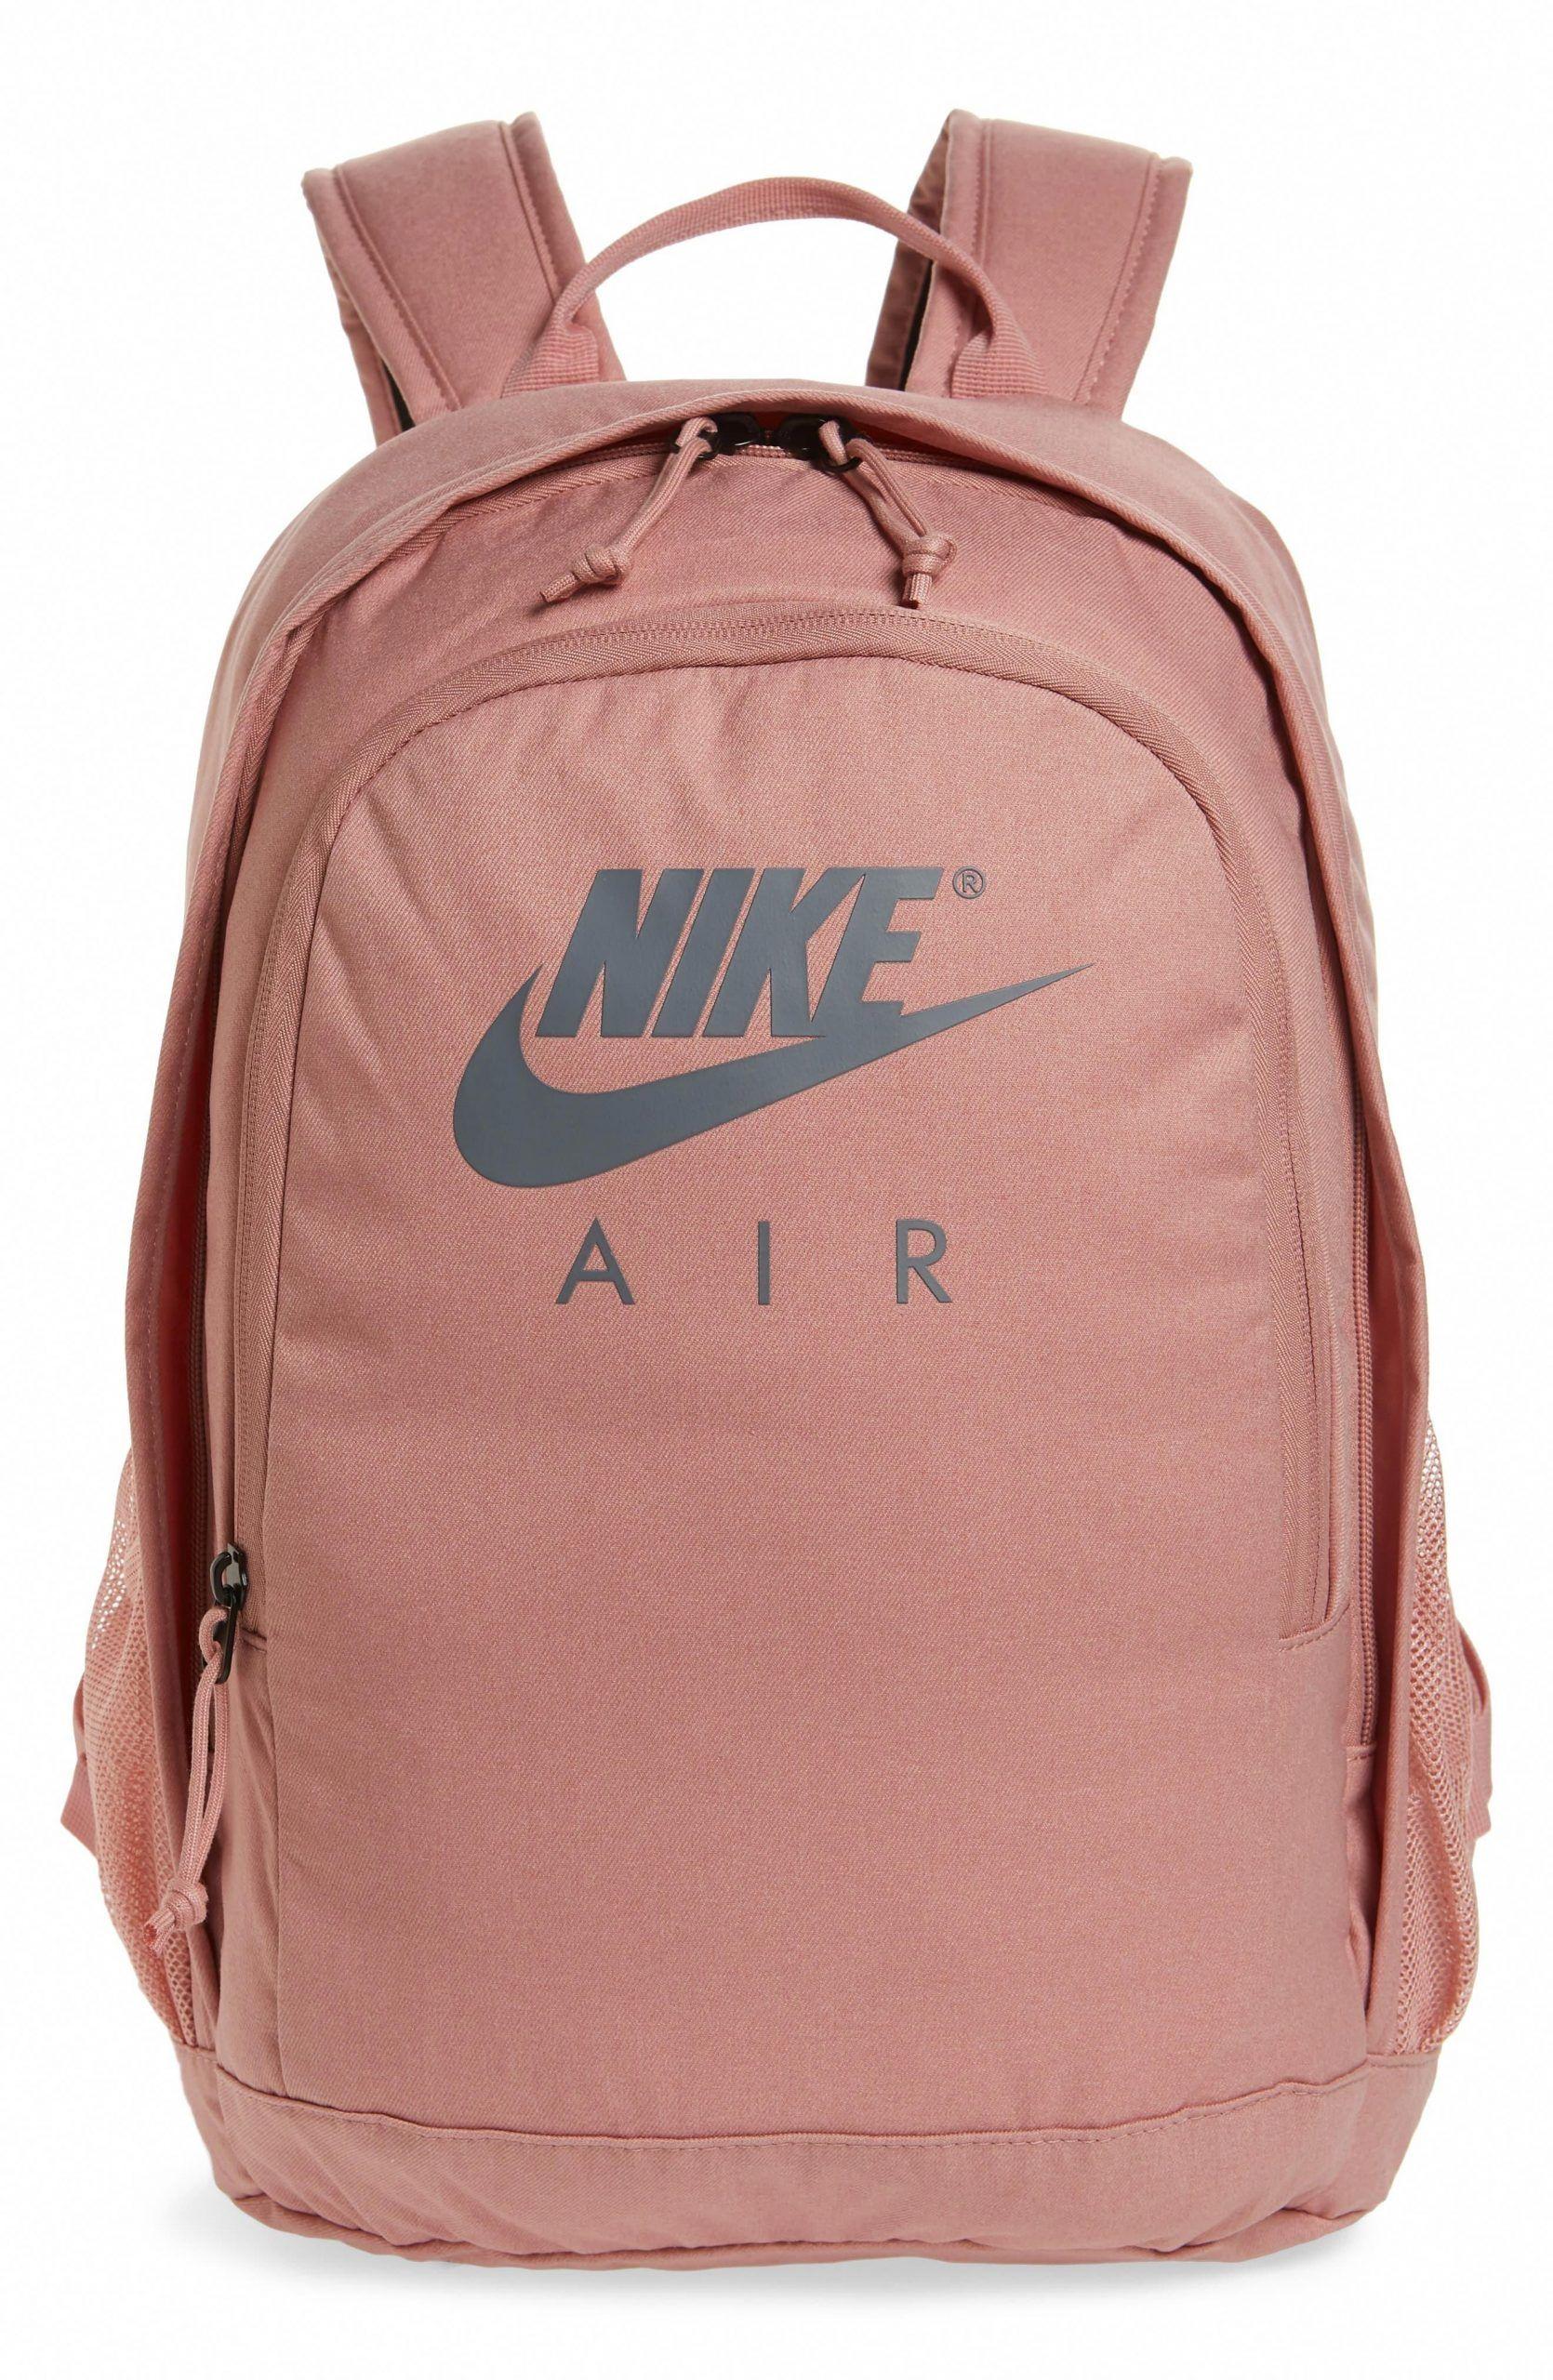 Prestigio Hermanos golpear  Nike Hayward Air Backpack | Nordstrom - lubrac.com/fashion | Nike bags,  Pink backpack, Nike school backpacks